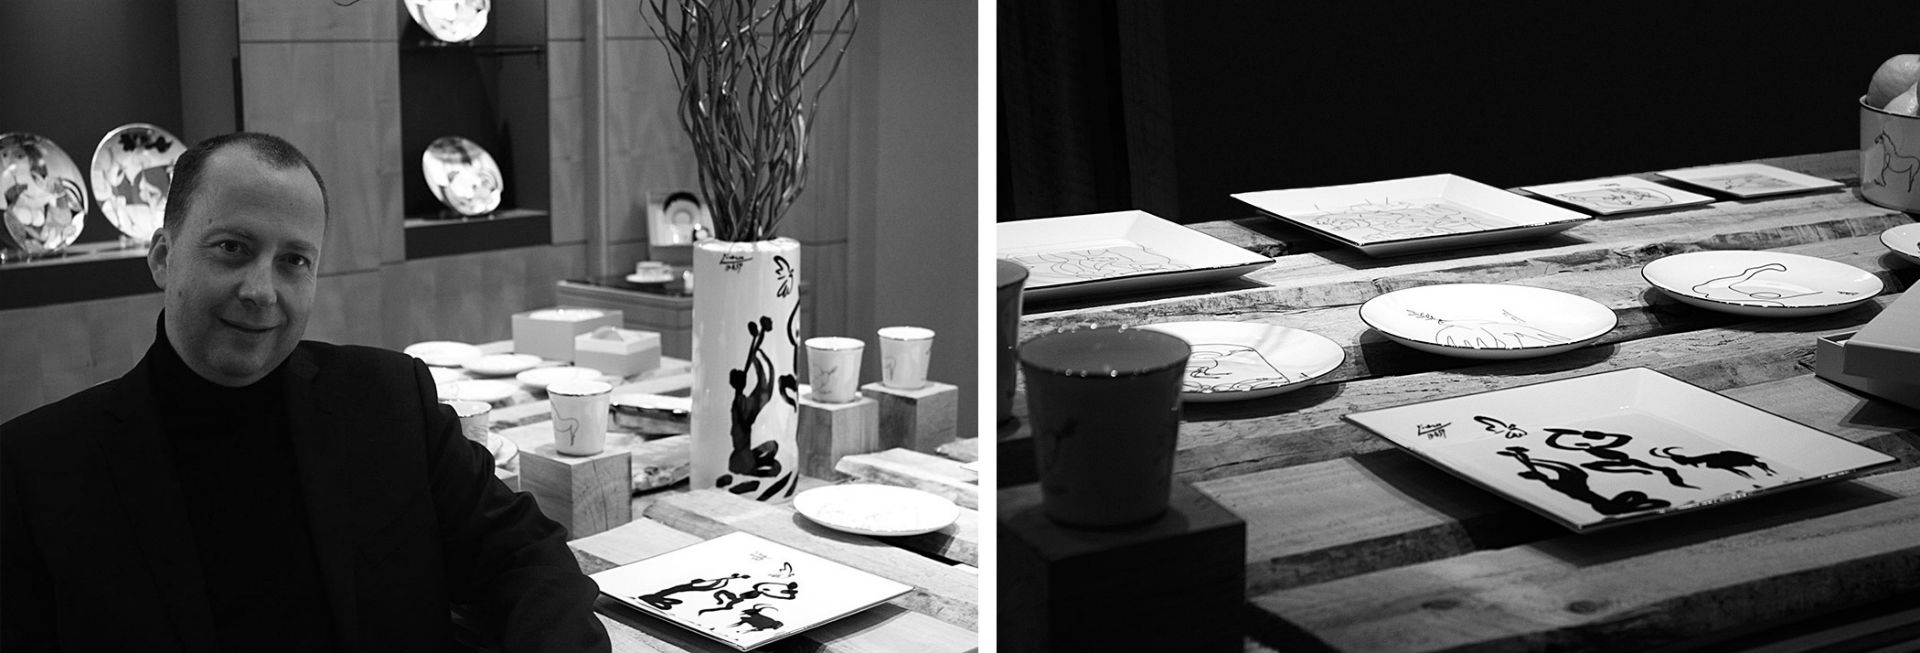 Marc de ladoucette portrait black and white porcelain paris sofitel picasso collction